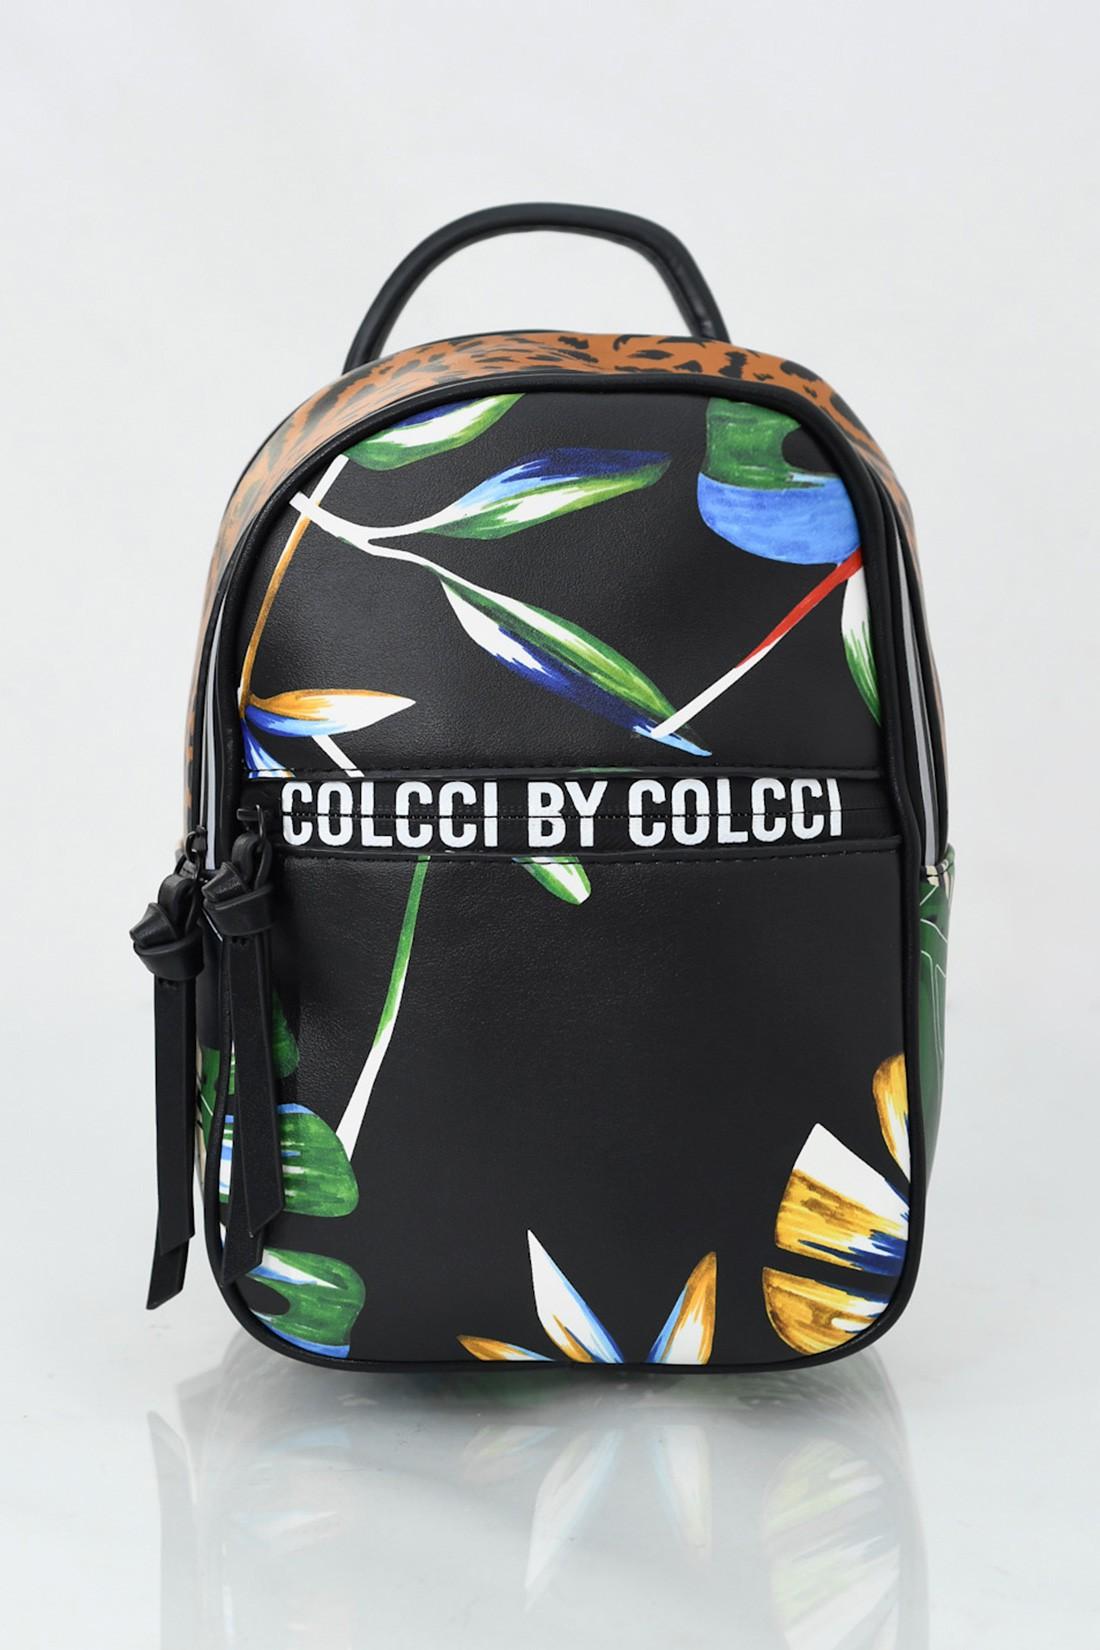 Mochila Colcci Print